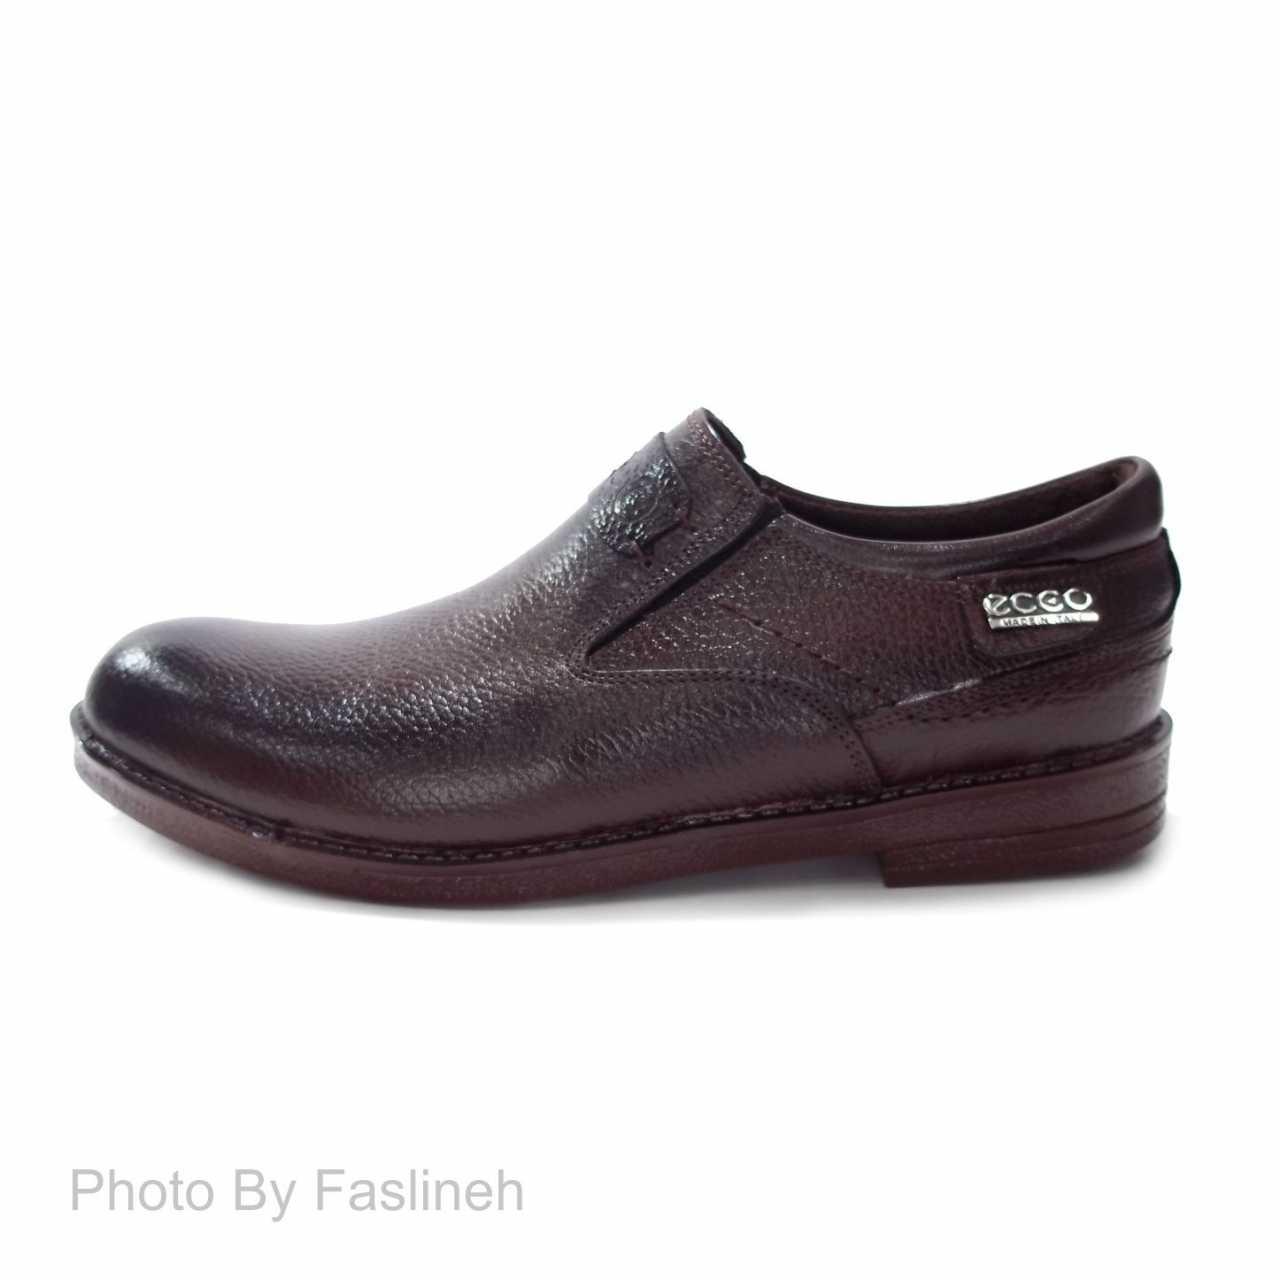 کفش چرم رویه ساده طرح اکو بدون بند PVE56 قهوه ای